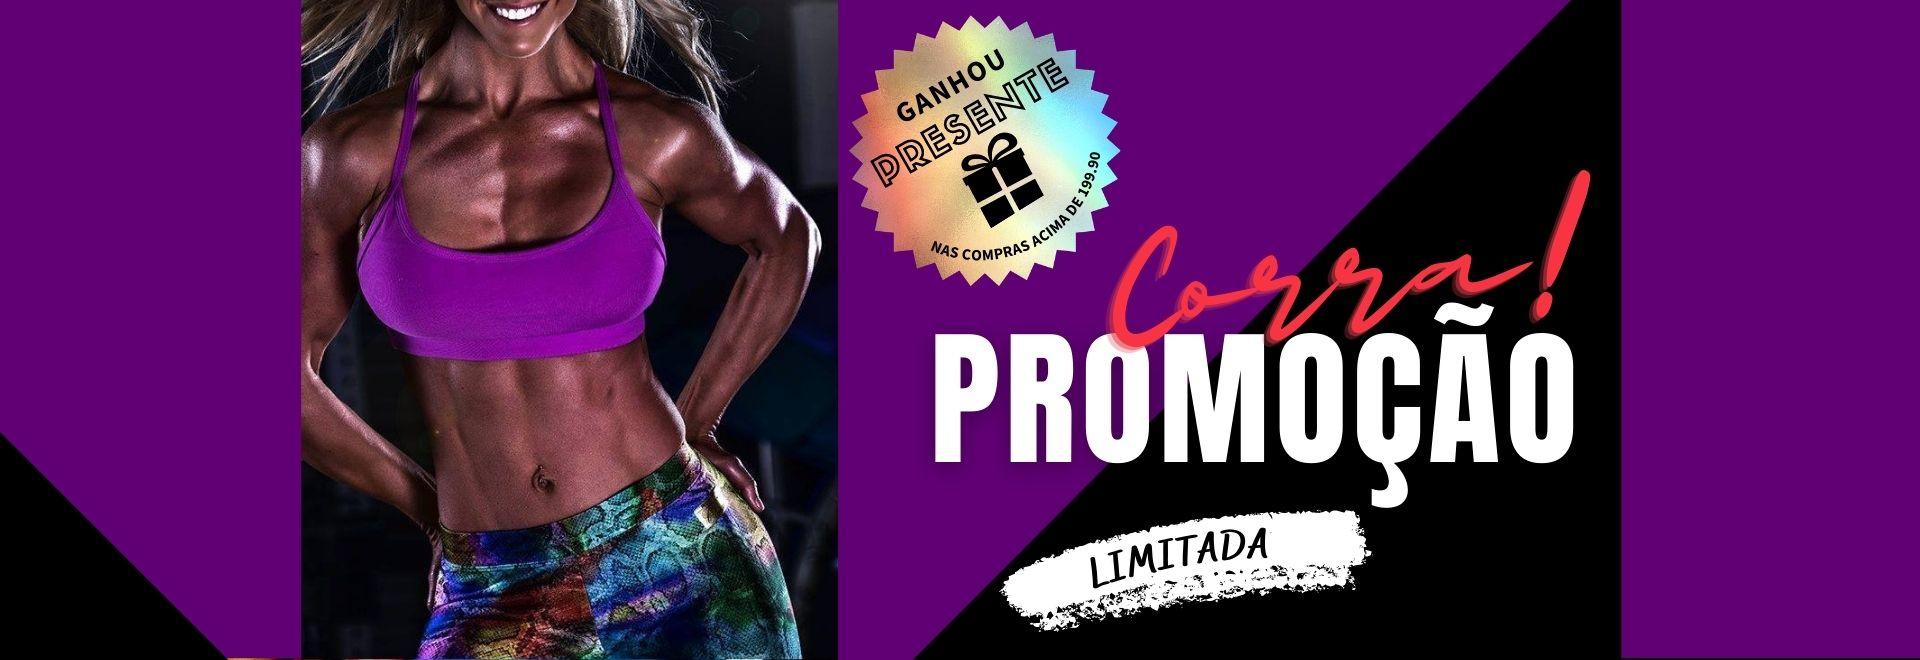 Promoção CA + Presente